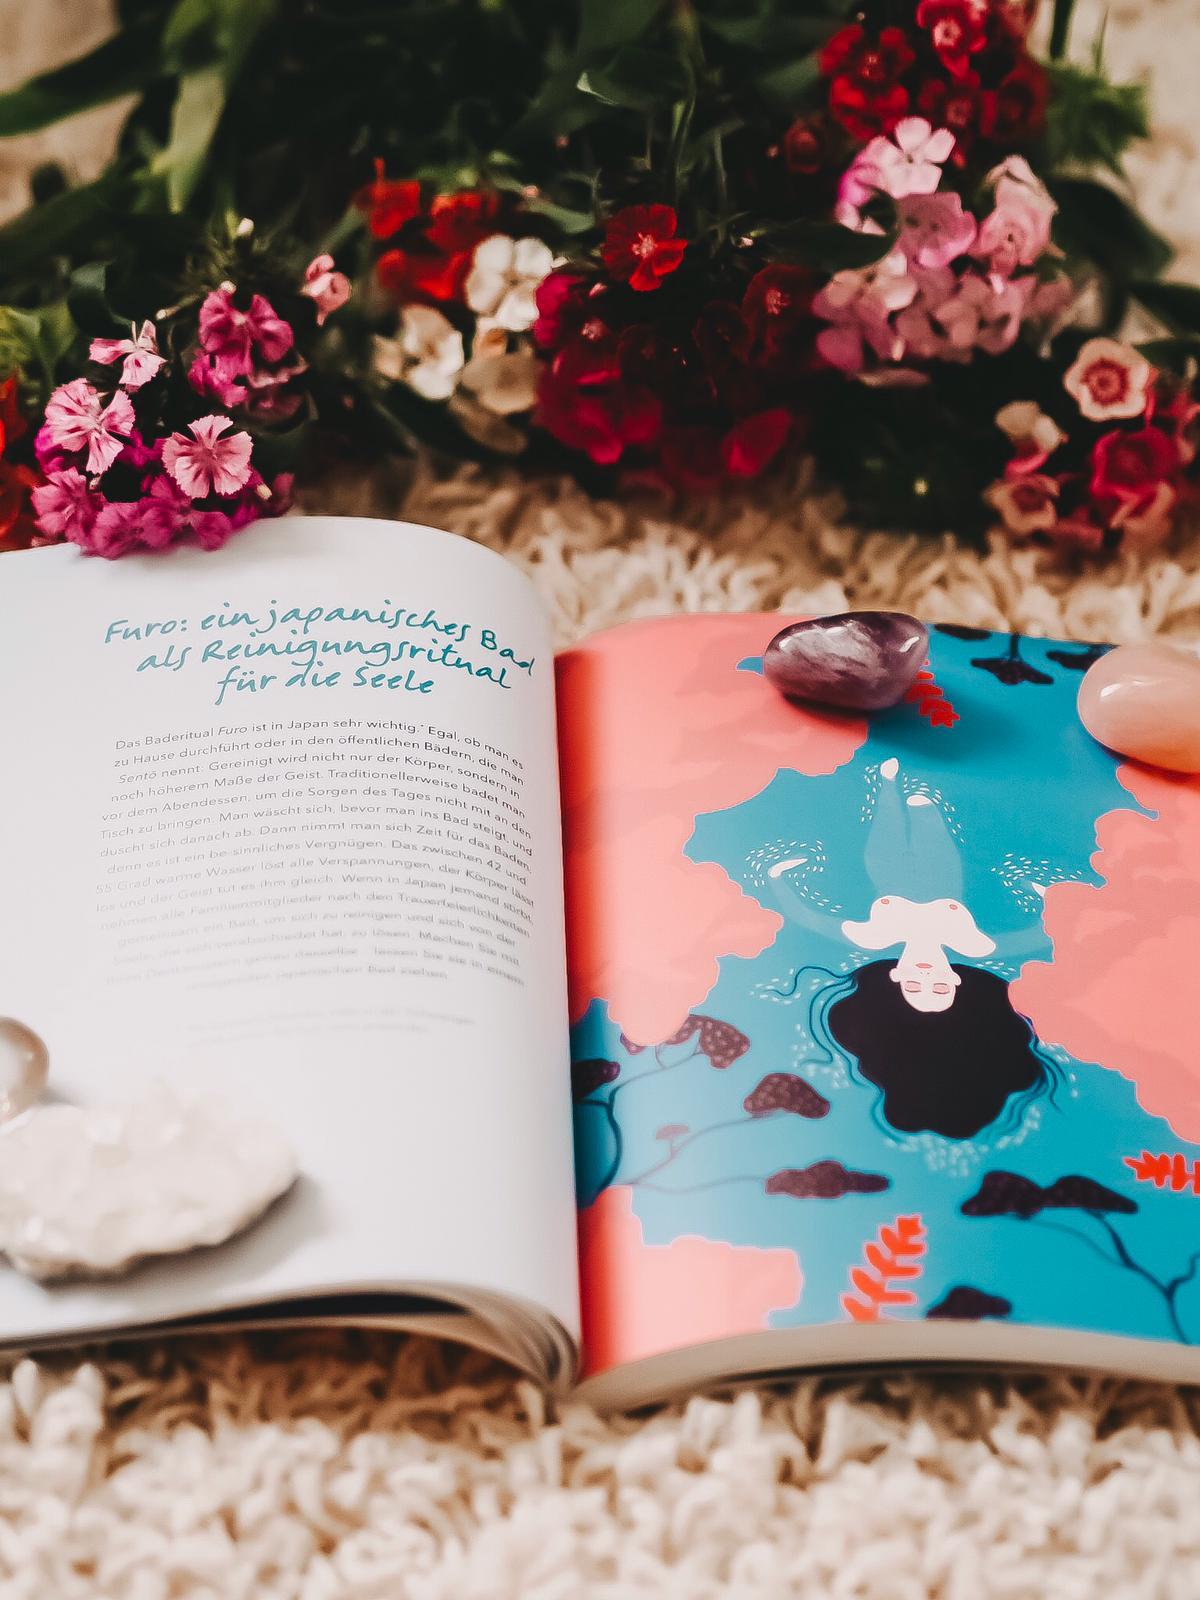 Ikigai ist der japanische Begriff für das persönliche Geheimnis des Glücks. Ich rezensiere hier Ikigai - Das 12 Wochen Programm für Glück und Gesundheit.